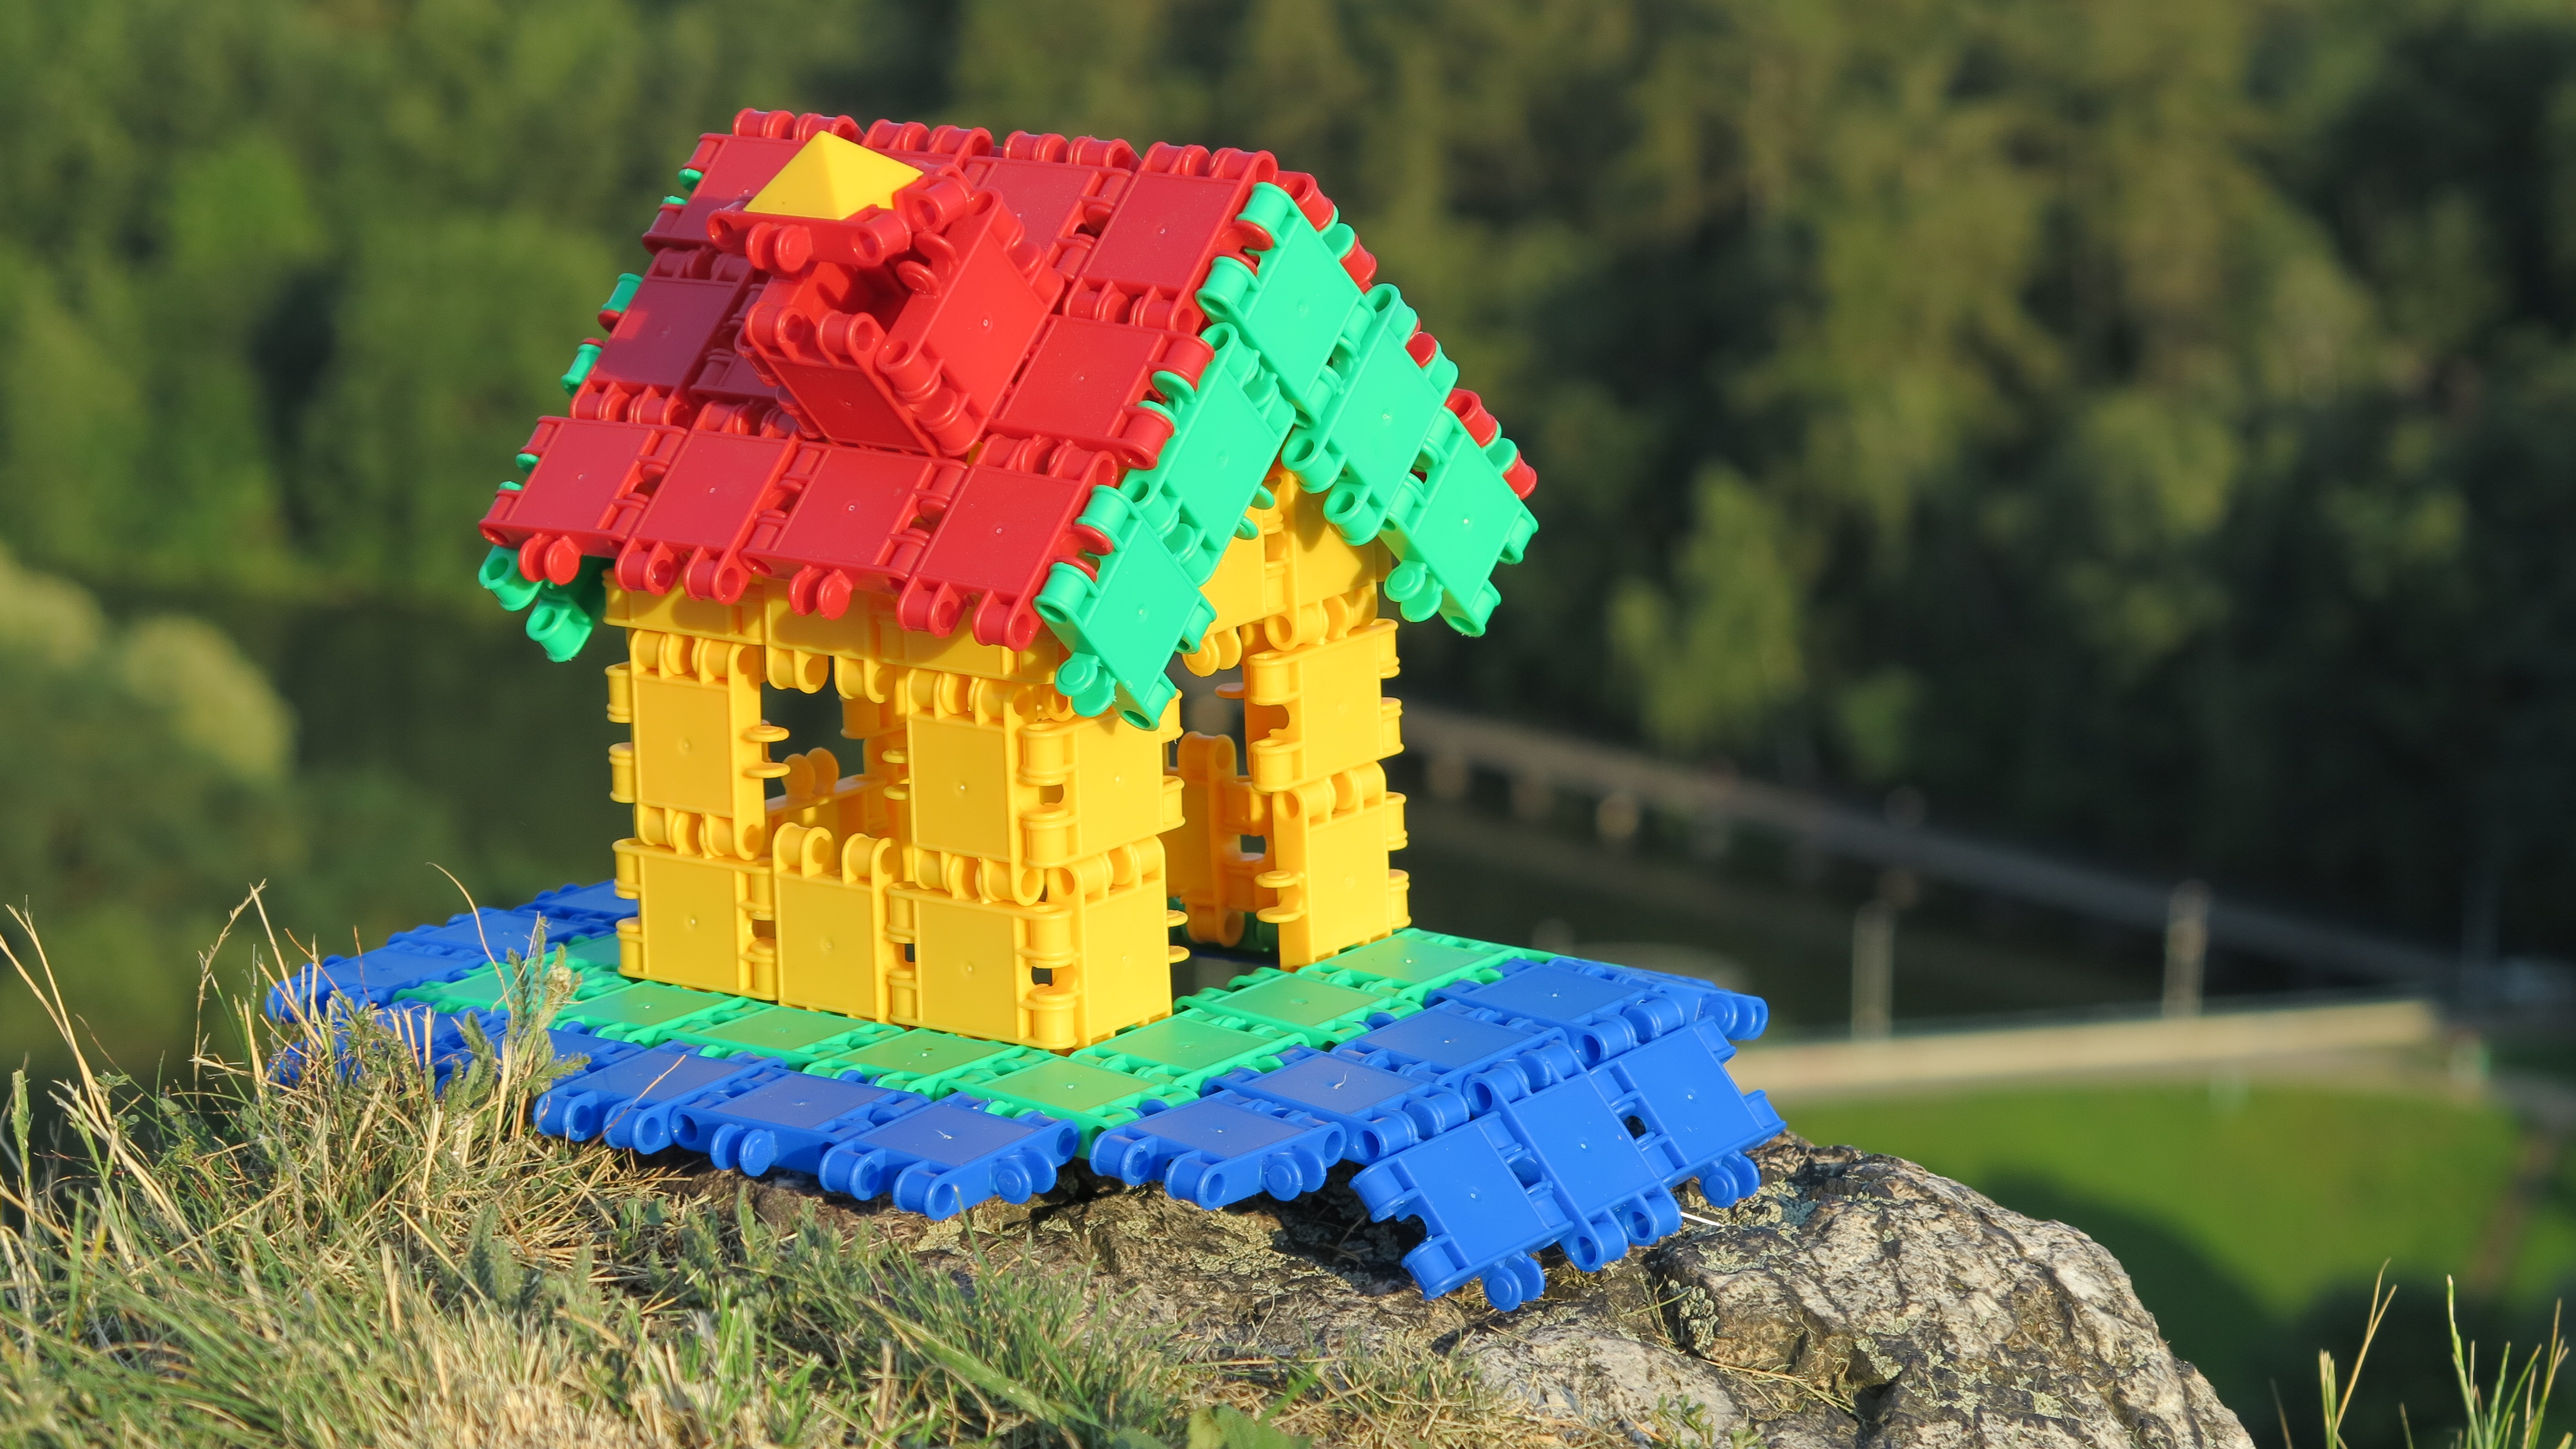 CLICS kostičky… stavebnice jednoduchá, veselá, milovaná